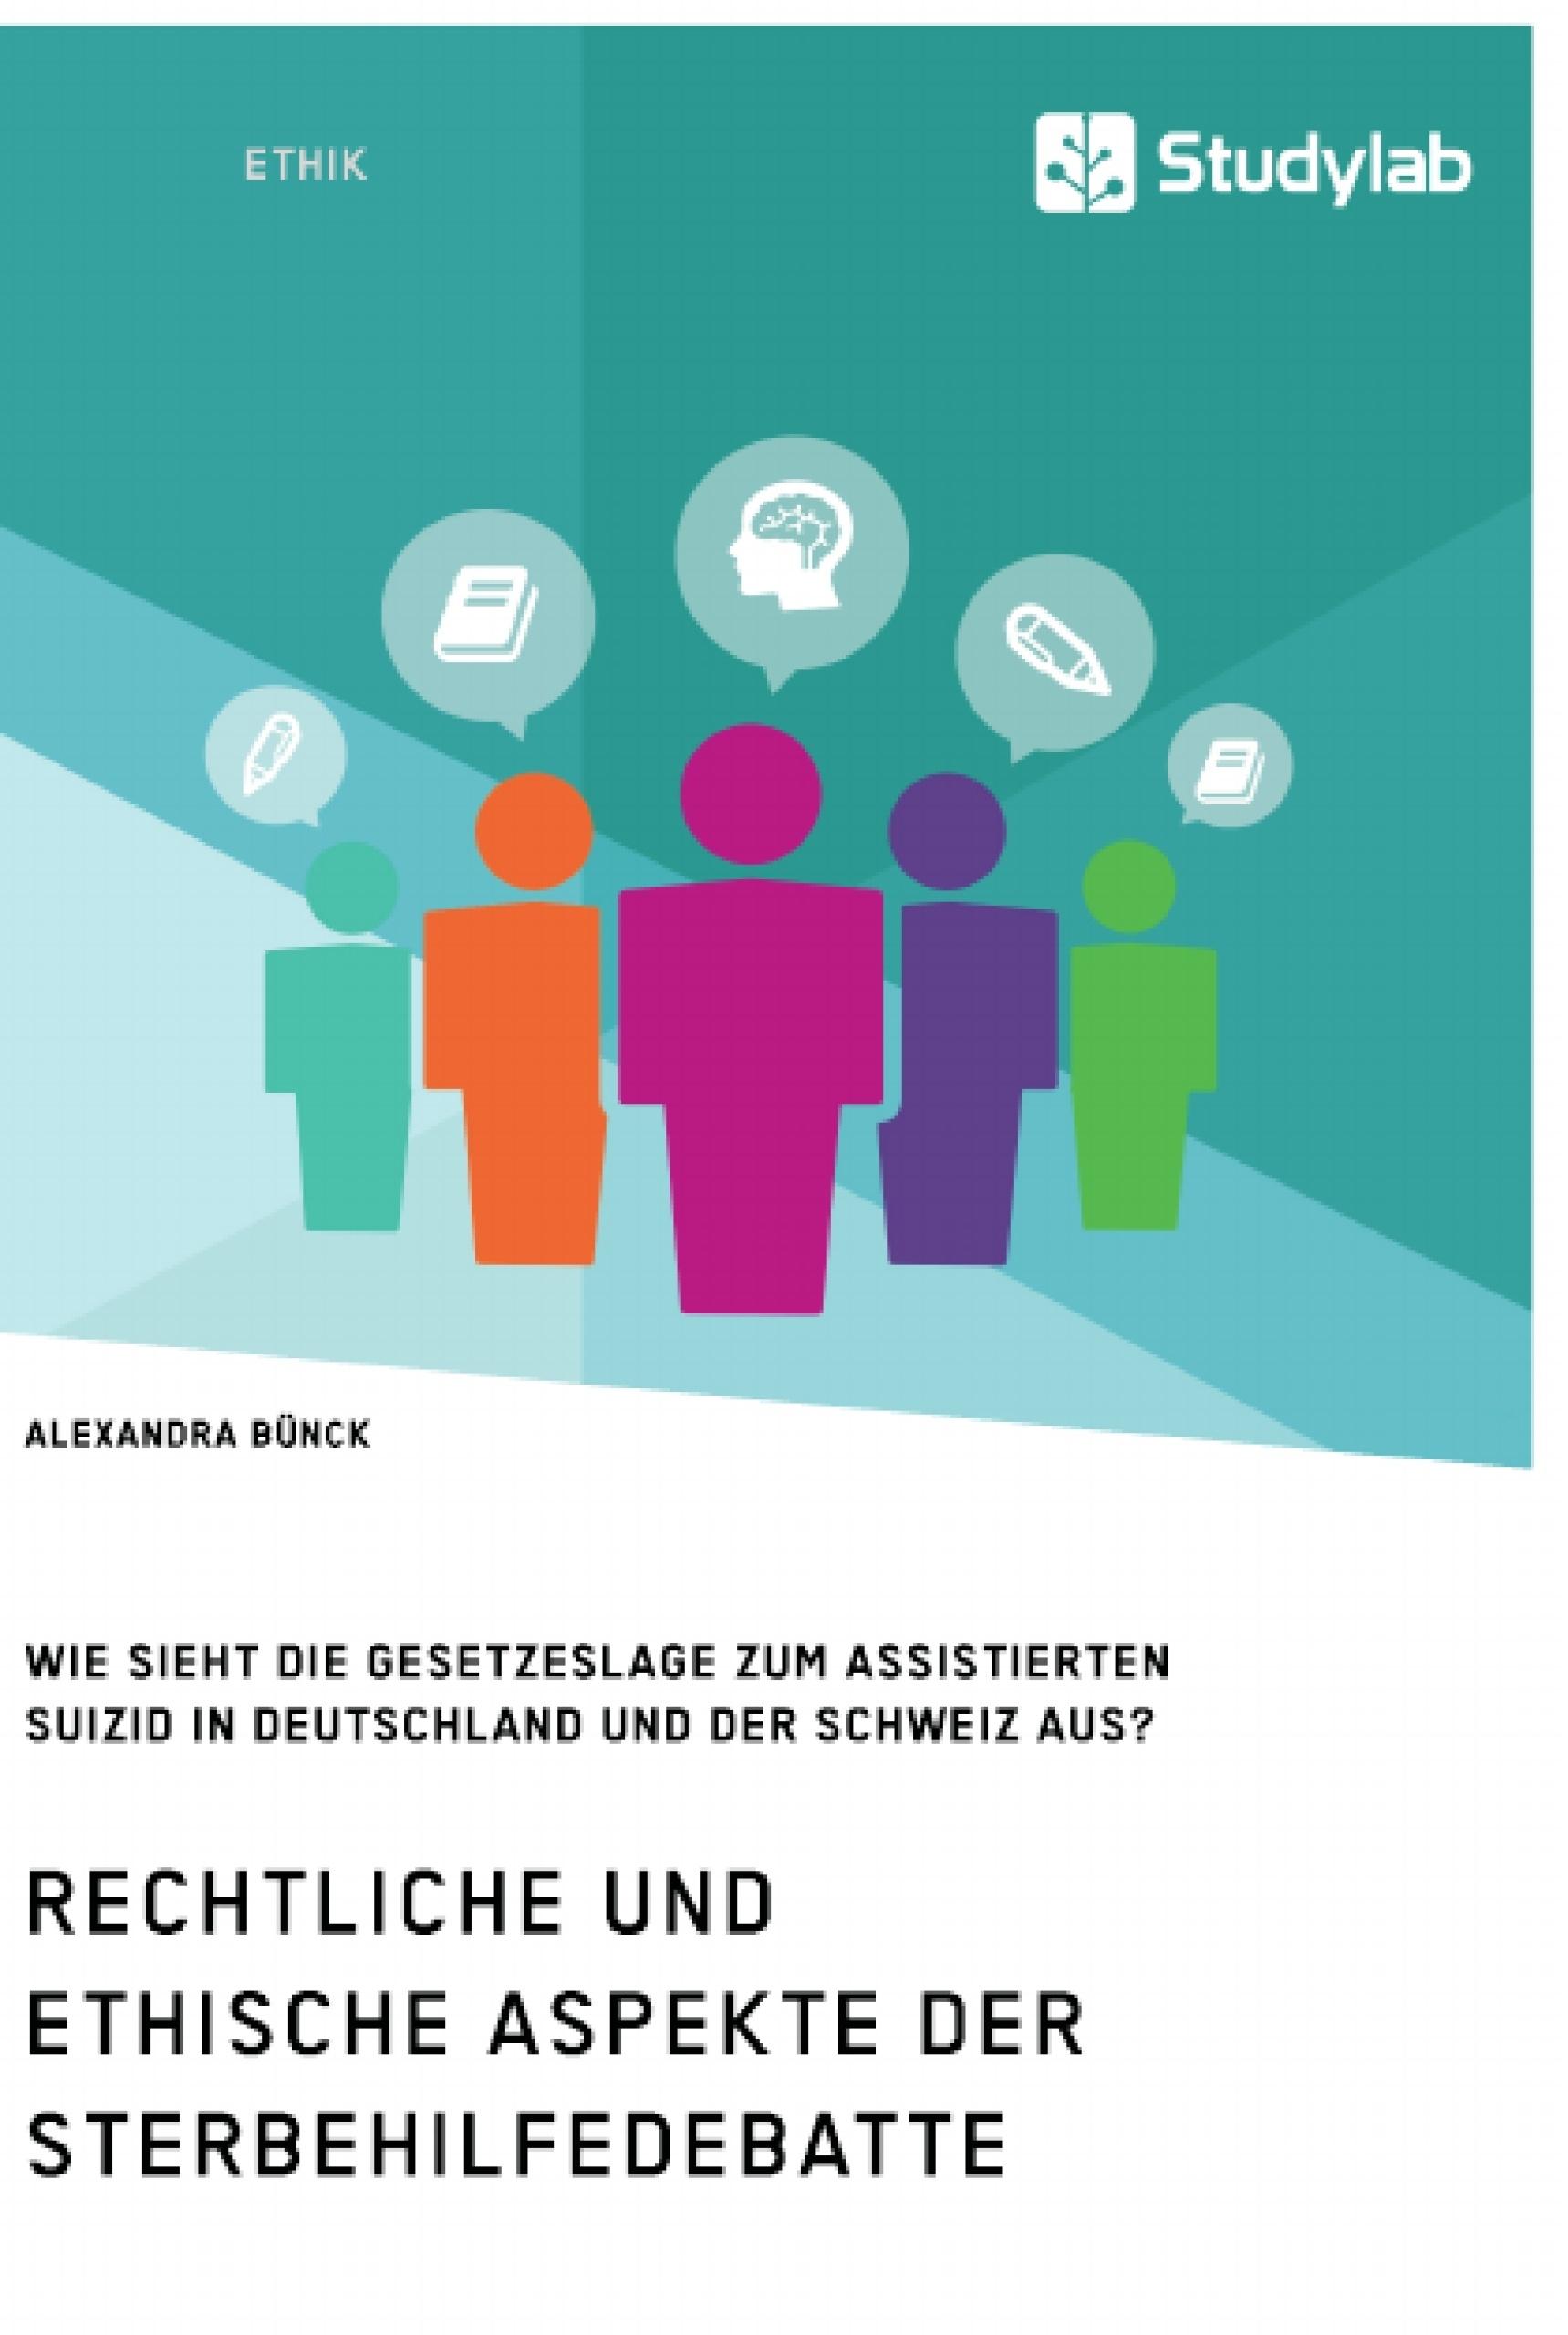 Titel: Rechtliche und ethische Aspekte der Sterbehilfedebatte. Wie sieht die Gesetzeslage zum assistierten Suizid in Deutschland und der Schweiz aus?